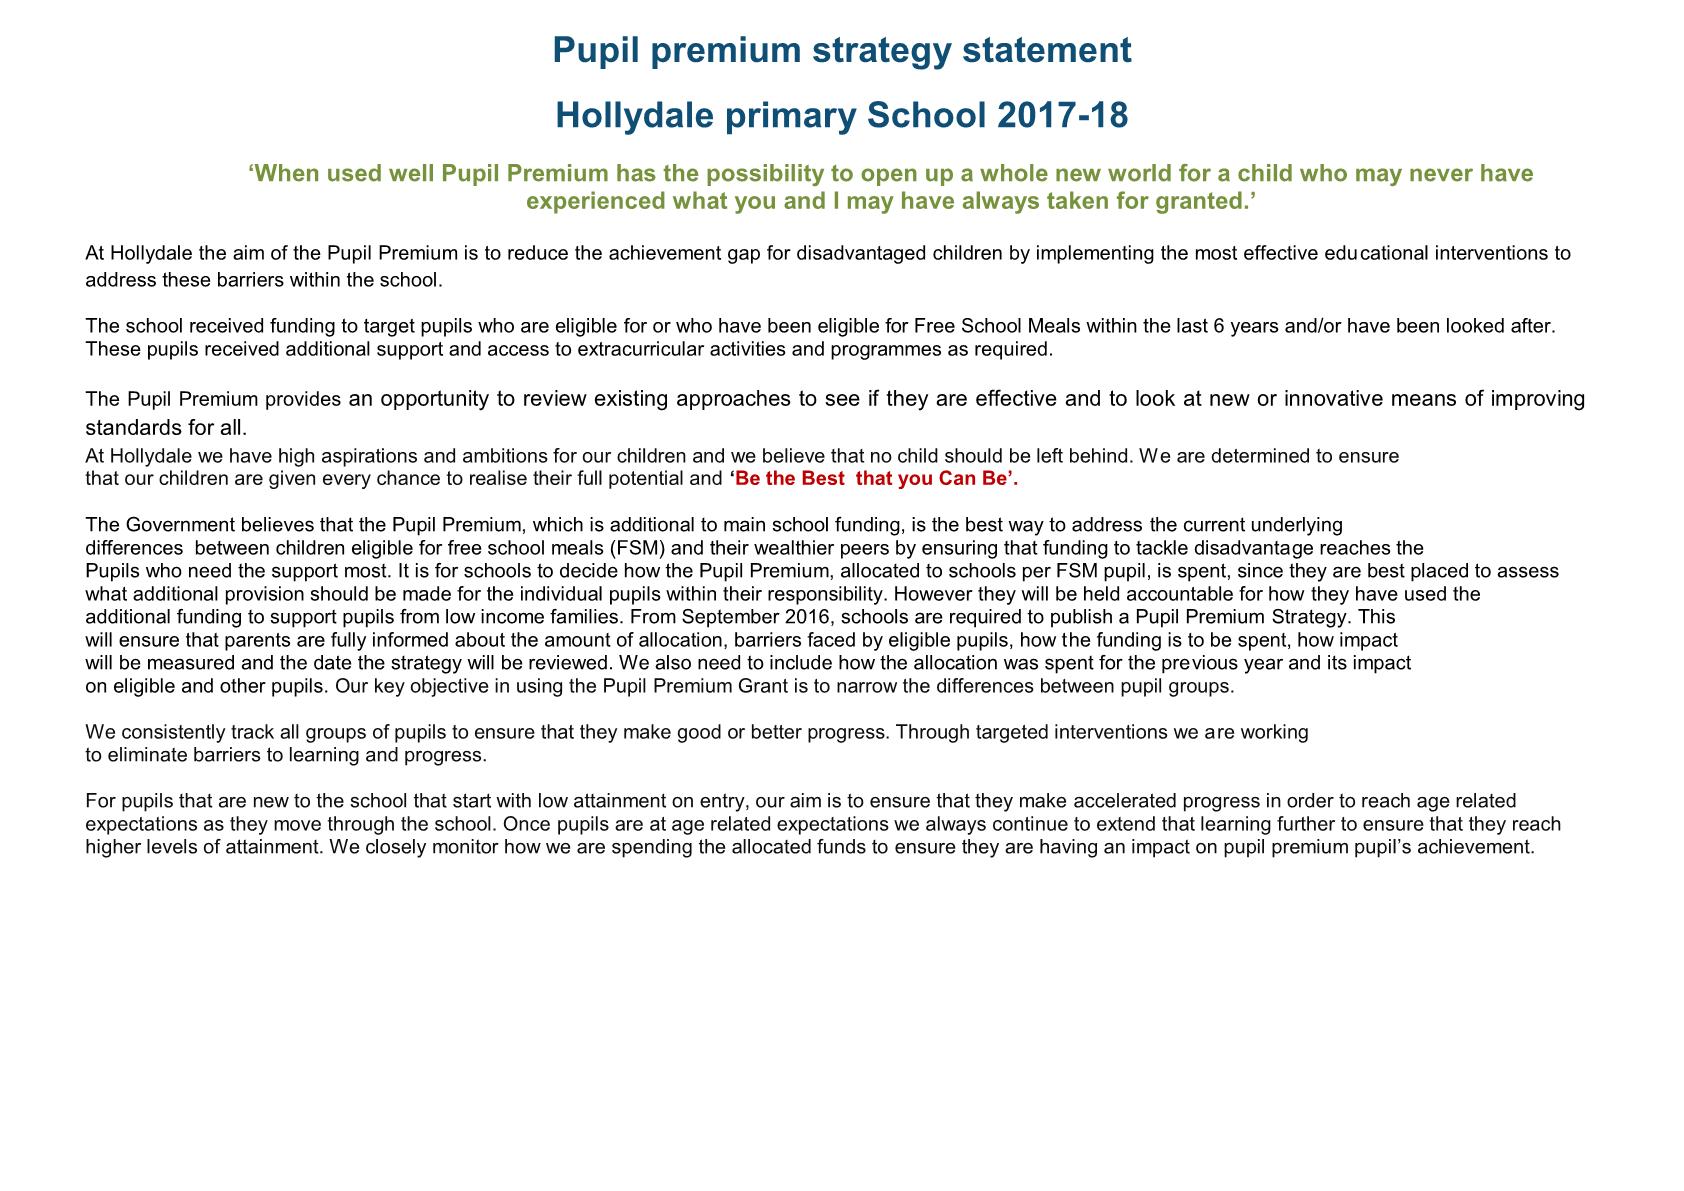 Pupil Premium 2016-2017